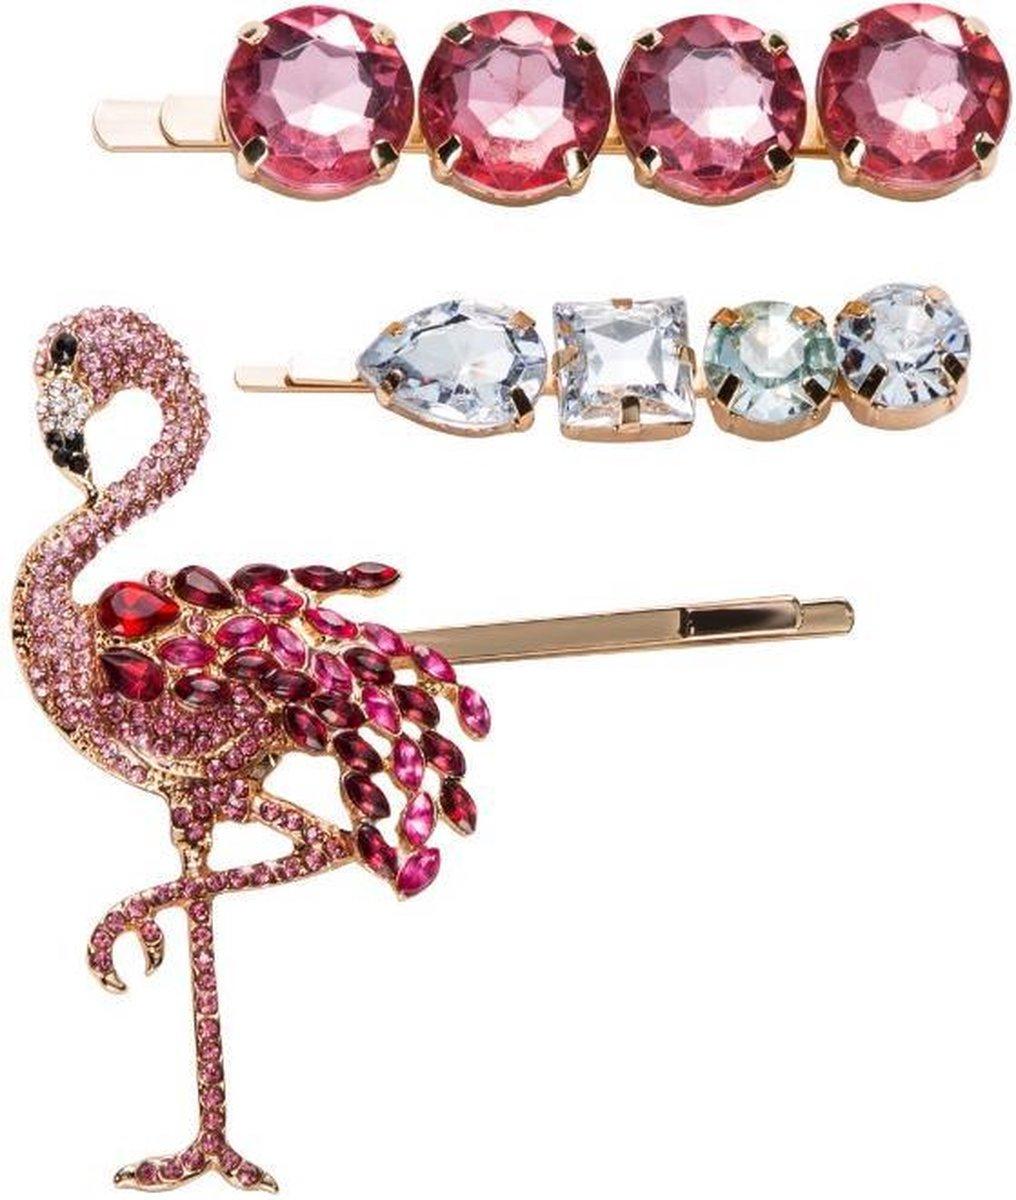 Flamingo - Haarspelden - set 3 stuks - Haarclip - Haarklem - Roze - Zilver - Haarsieraad - Dames - Haarspeld - Haar accessoires  - Uniek - Luxe - Cadeau Tip - haarmusthaves